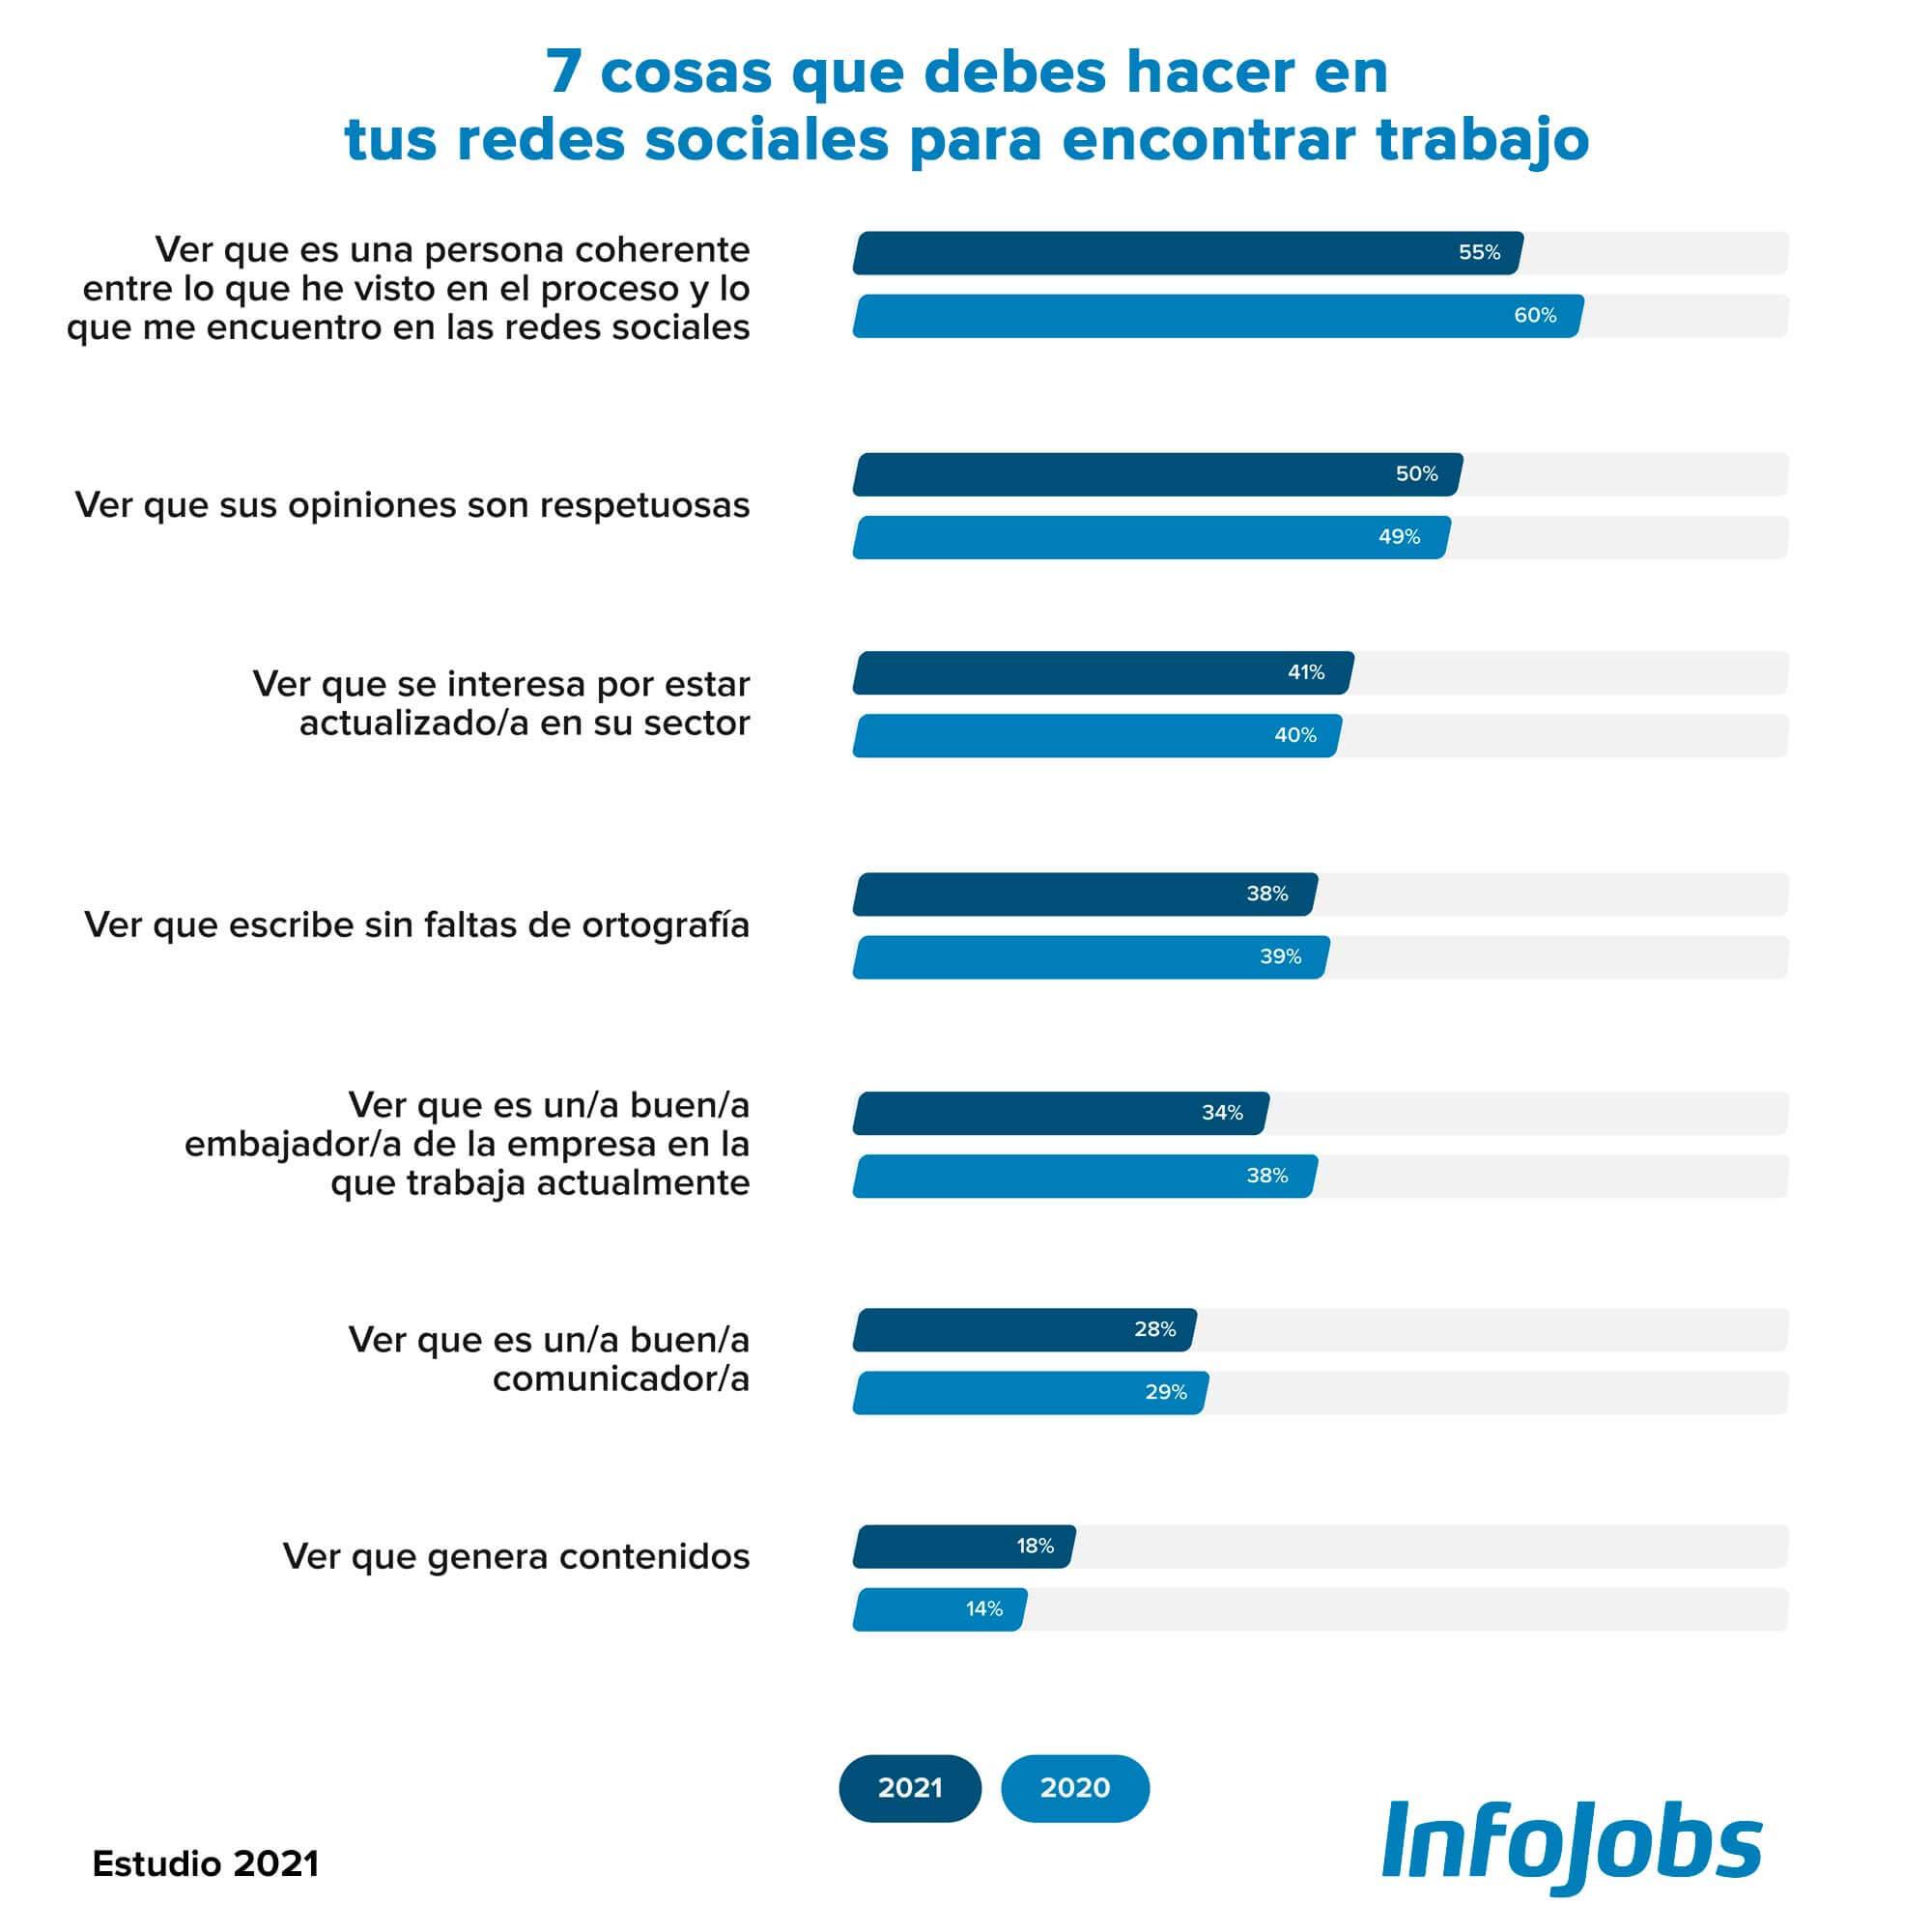 importancia de la huella digital para encontrar trabajo